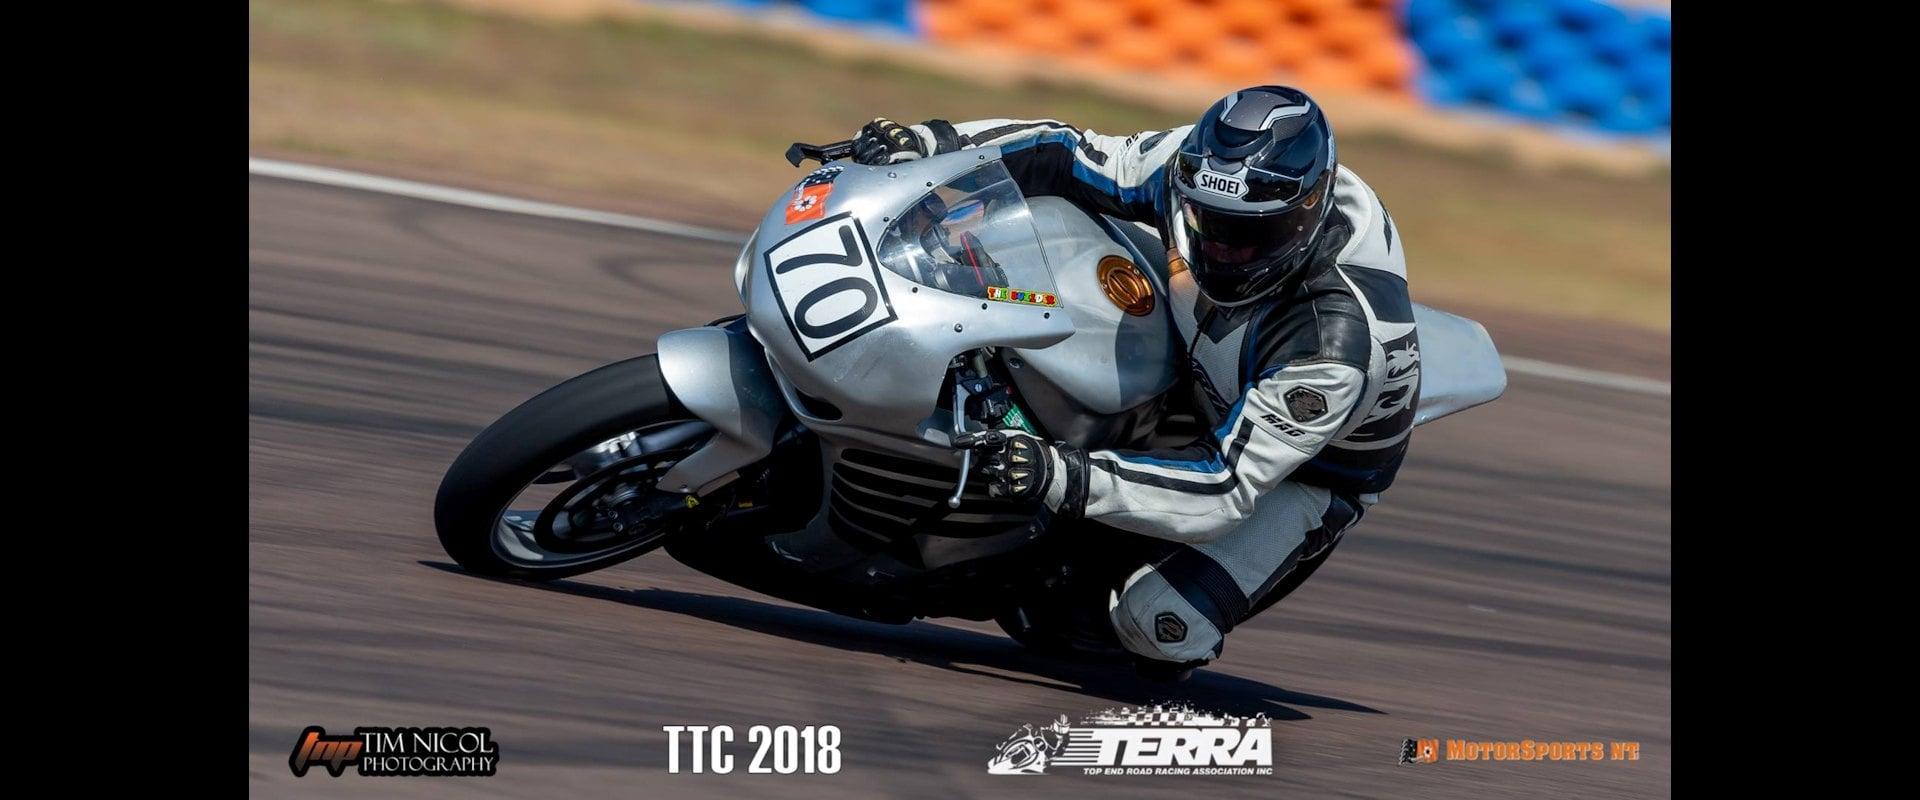 Andy TTC 2018